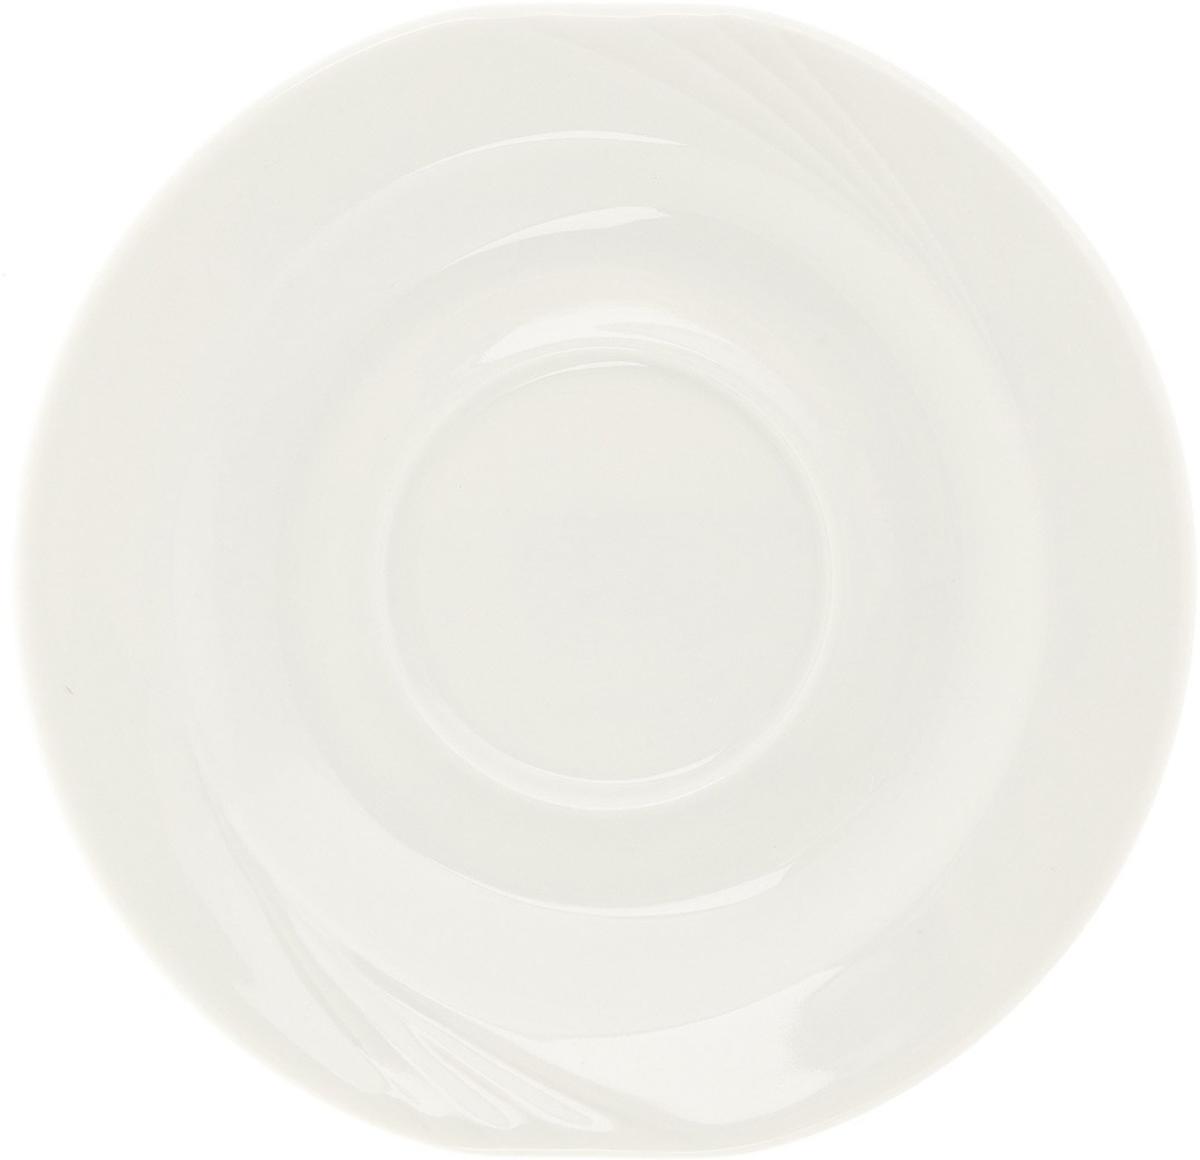 Блюдце чайное Eschenbach, цвет: белый, диаметр 15 см. 2305/47312305/4731Накопленный десятилетиями опыт и следование традициям известнейших мастеров в сочетании с новейшими технологиями производства делают фарфоровую посуду Eschenbach настоящим символом утонченного качества, произведением искусства, признаком хорошего вкуса.Представители компании своей основной задачей считают помощь владельцам ресторанного и гостиничного бизнеса создавать по-настоящему красивые, уютные и элитные заведения. Огромный ассортимент позволит даже самым взыскательным покупателям подобрать что-то свое. Салатницы, соусники, отдельные блюда и множество других изделий отличаются тщательно продуманным дизайном, в котором традиции прошлого искусно сочетаются с требованиями современности. Посуда соответствует самым высоким функциональным стандартам. Она используется в микроволновых печах, прекрасно моется в посудомоечных машинах, имеет множество европейских сертификатов и является настоящим символом традиционного немецкого качества.